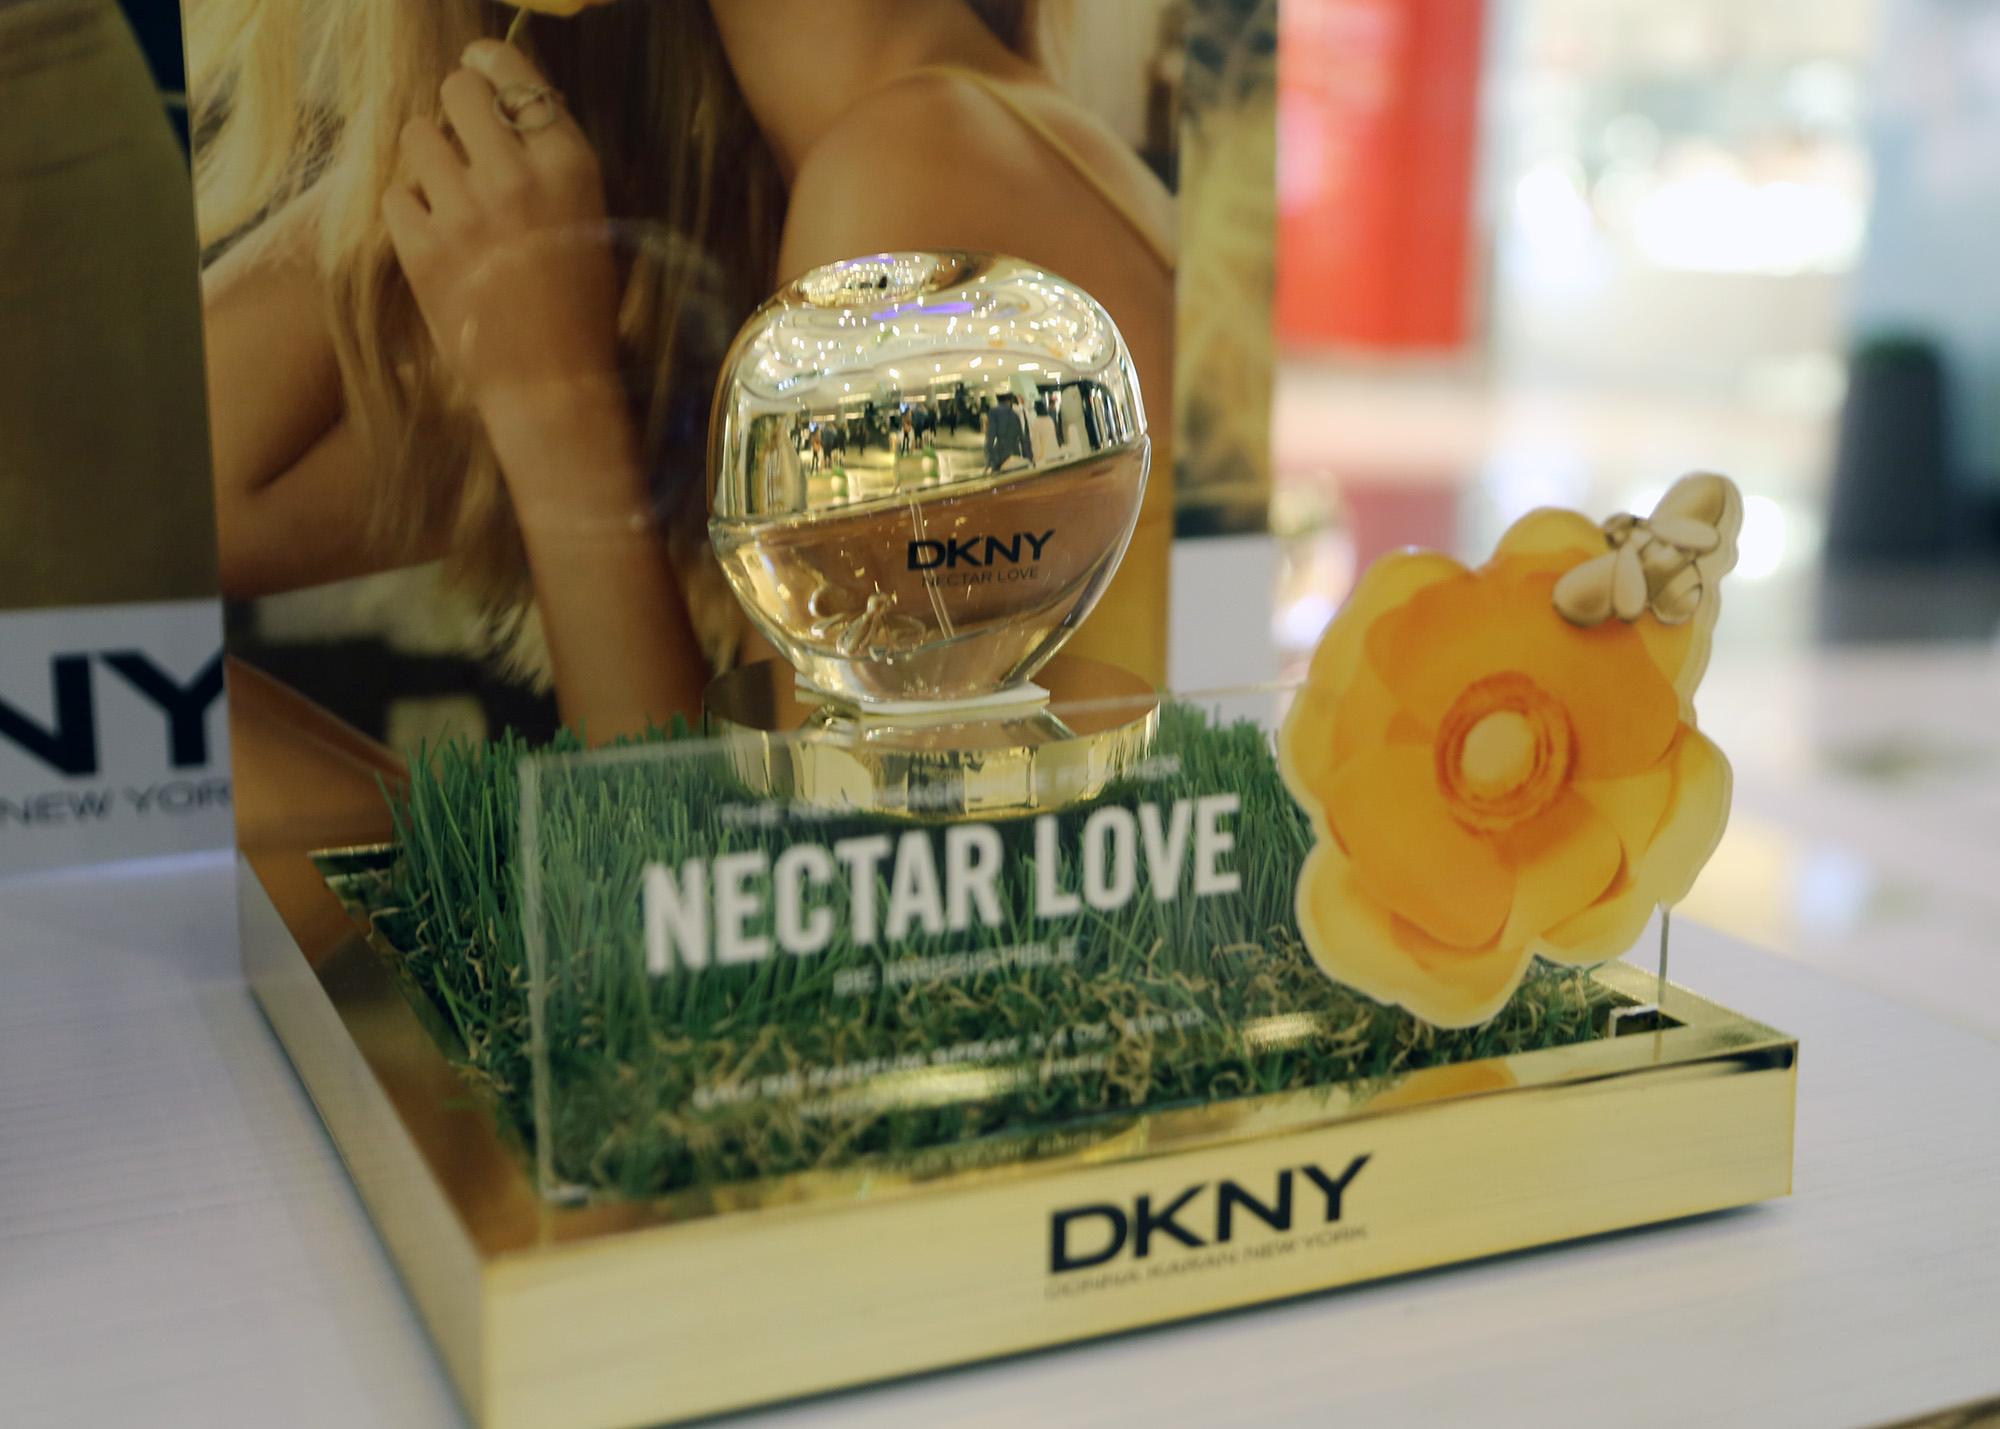 DKNY dorado 2 - DKNY presenta al mercado peruano su nueva fragancia 'Nectar Love'